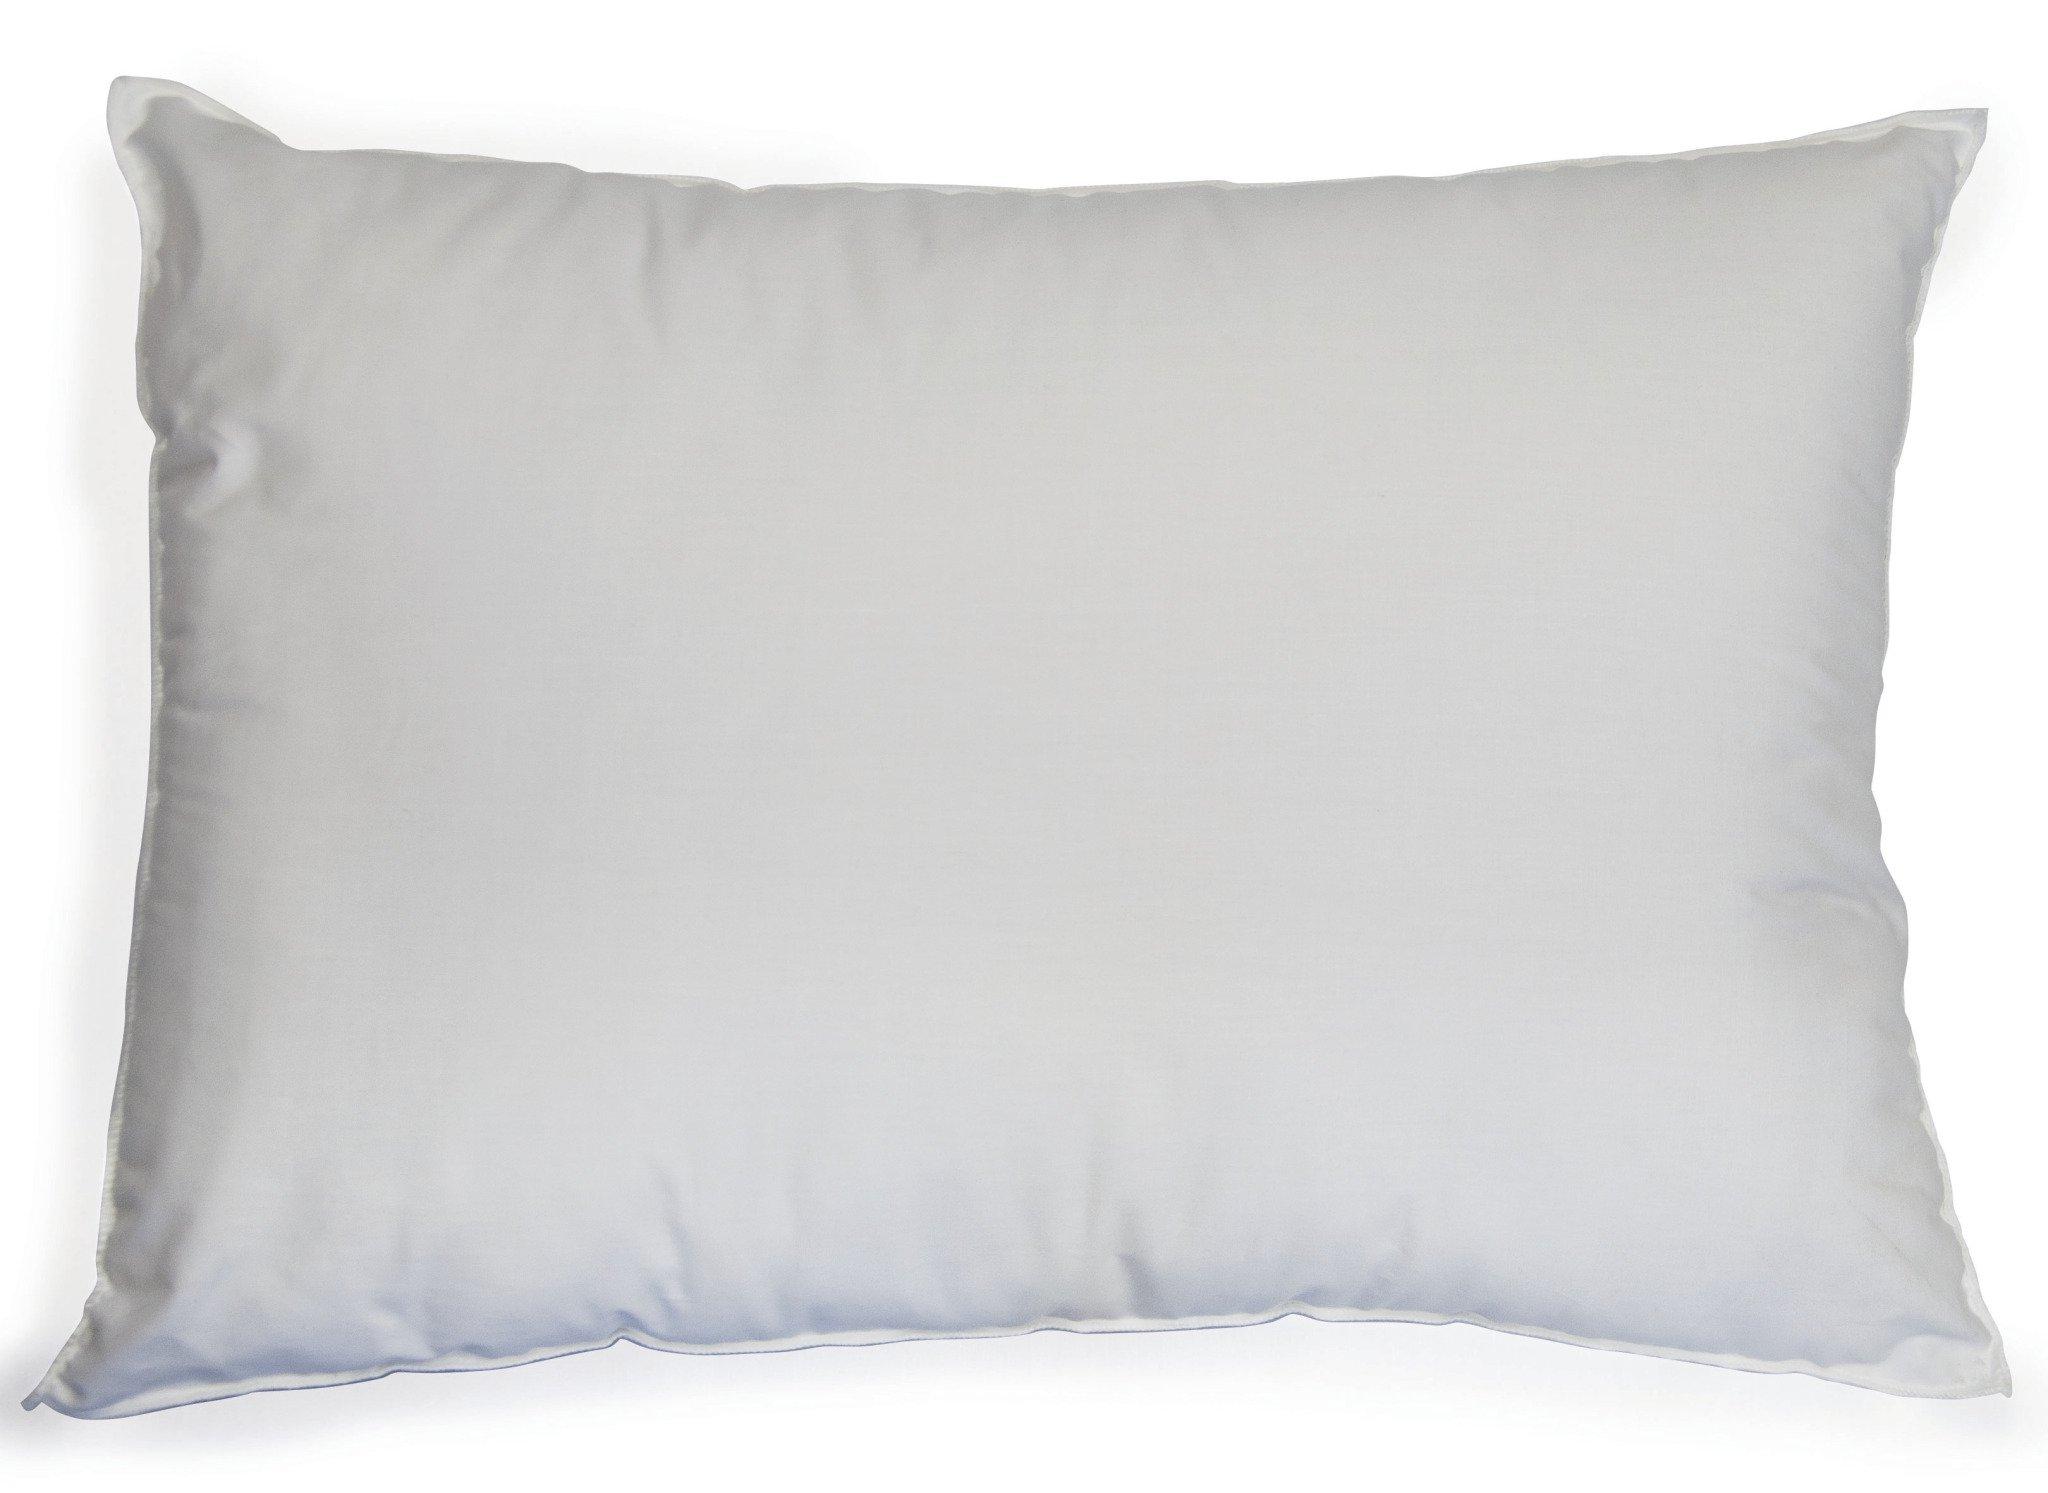 bed pillows walmart com